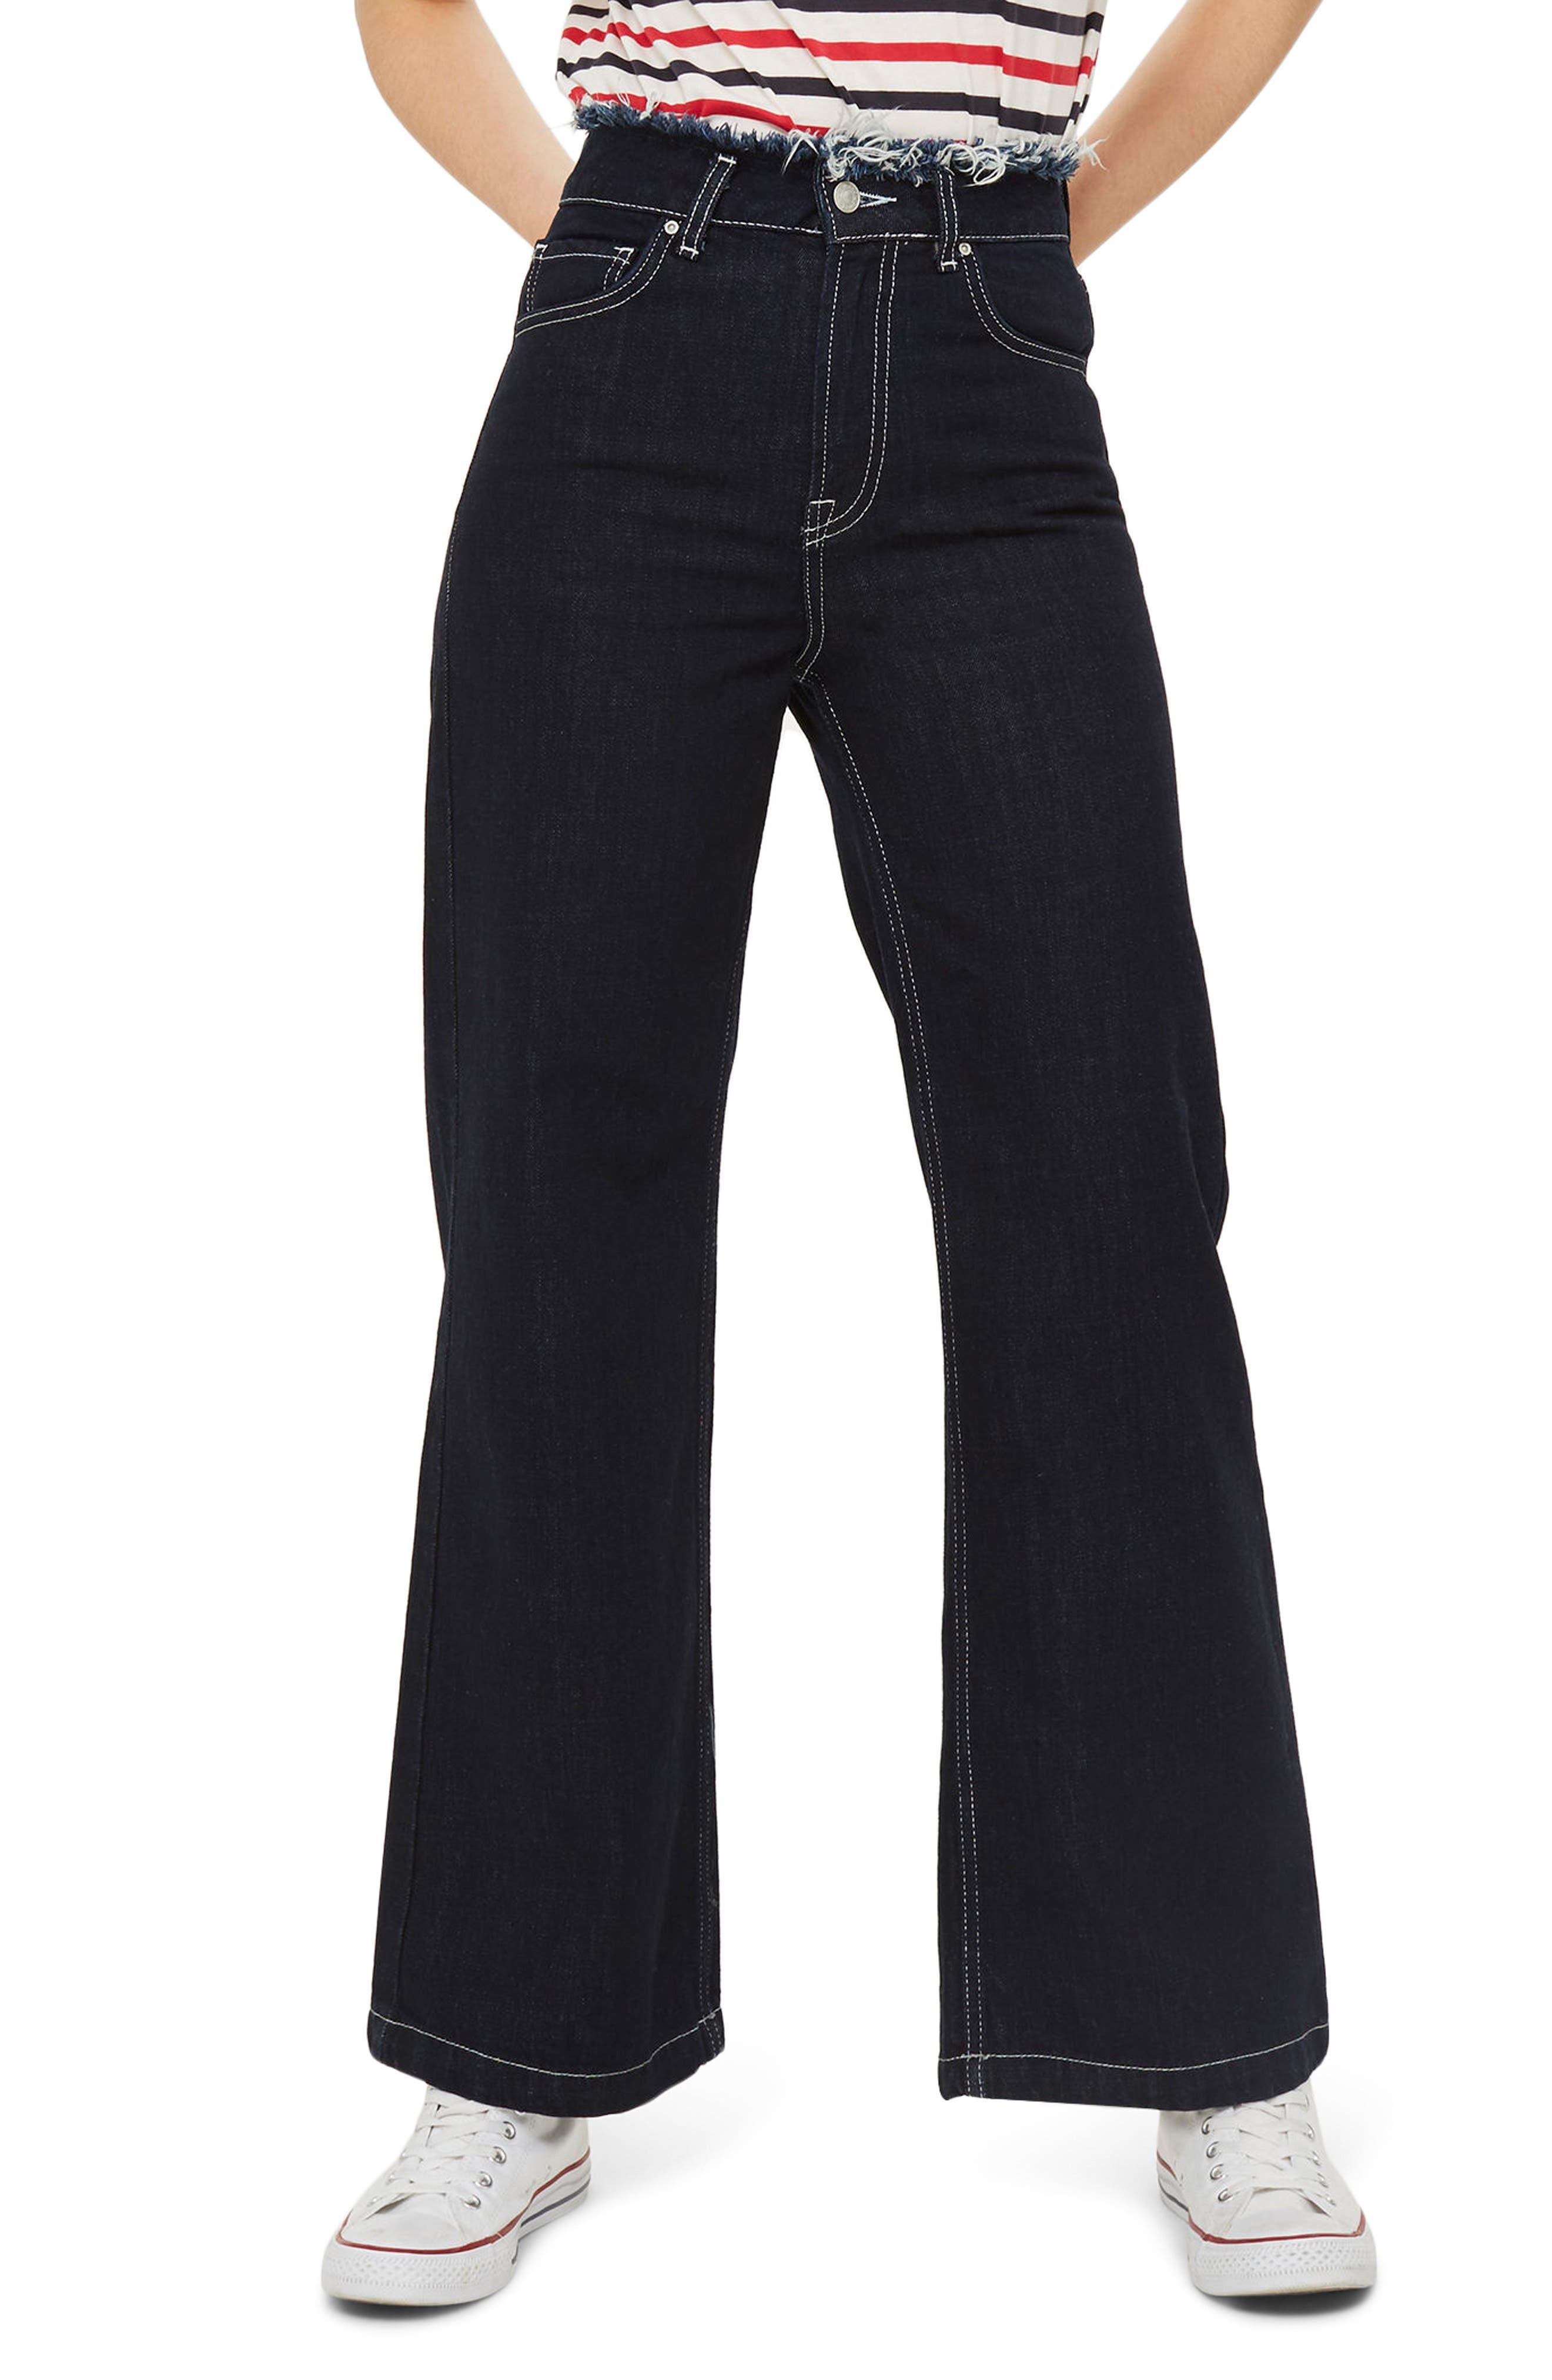 Topshop Frayed Waist Wide Leg Jeans